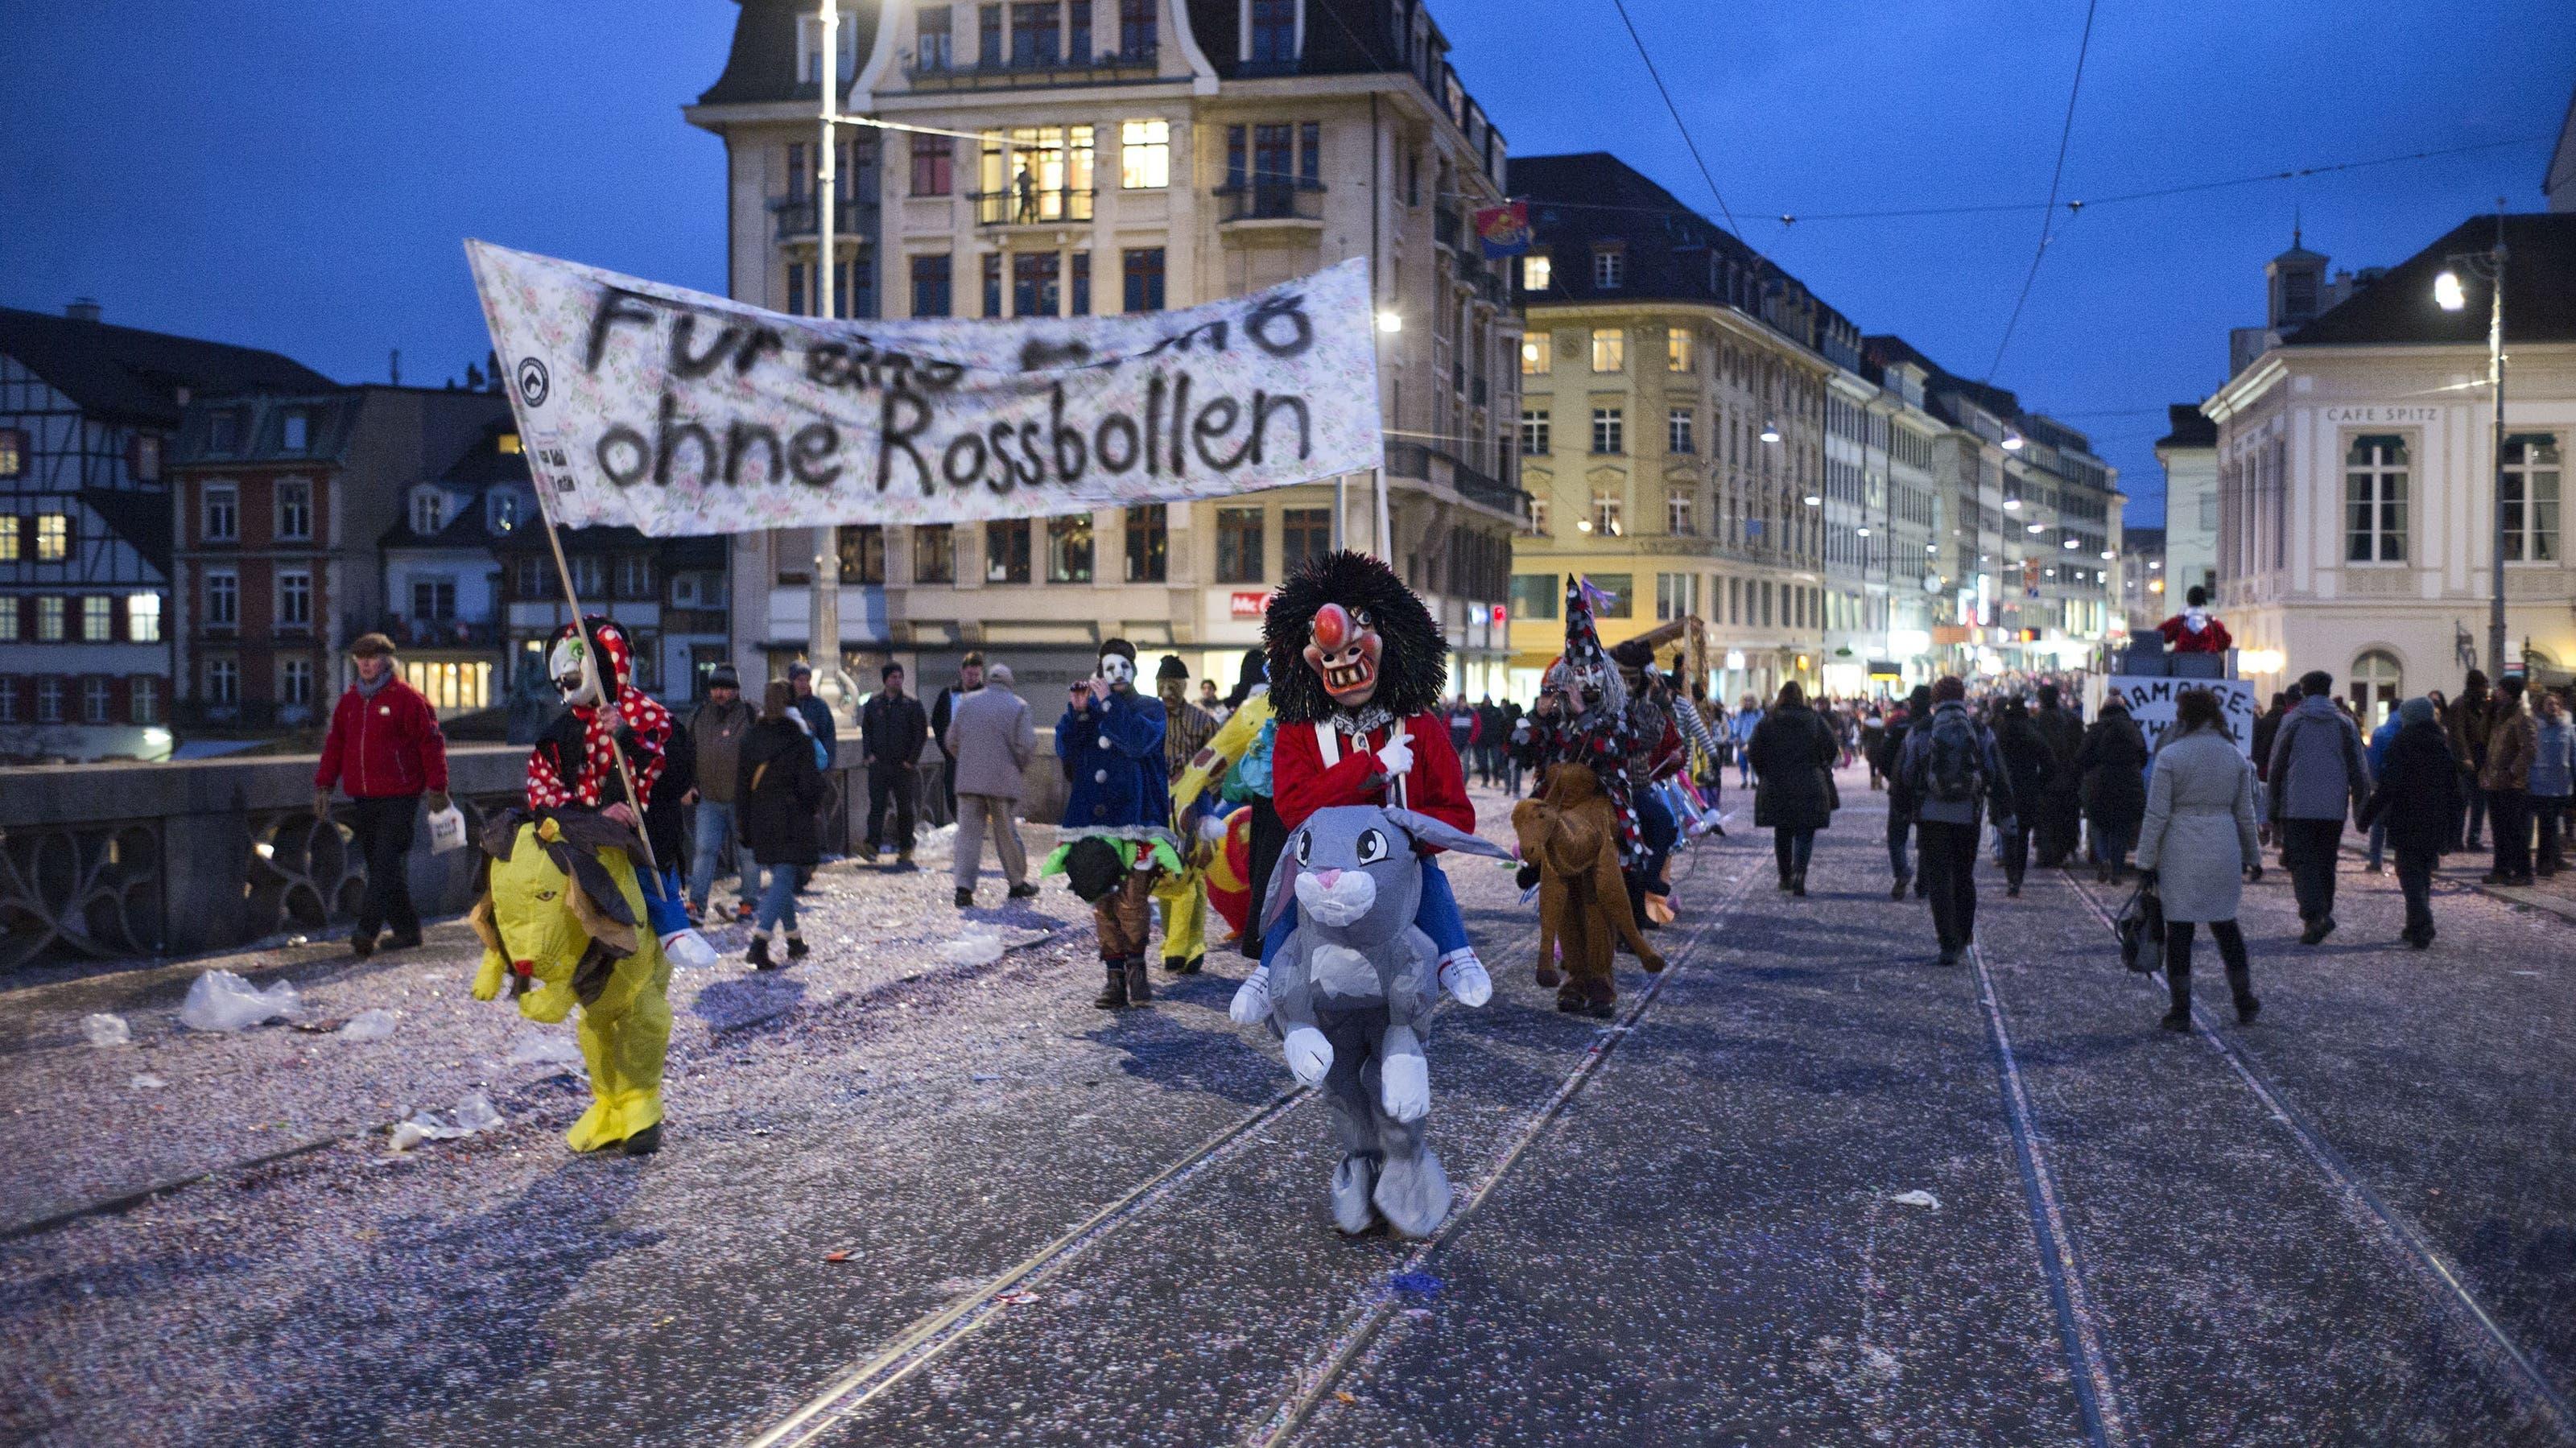 """Zyyschtig Basler Fasnacht. Zyschtig. """"Für eine Fasn8 ohne Rossbollen."""" Photo by Roland Schmid"""